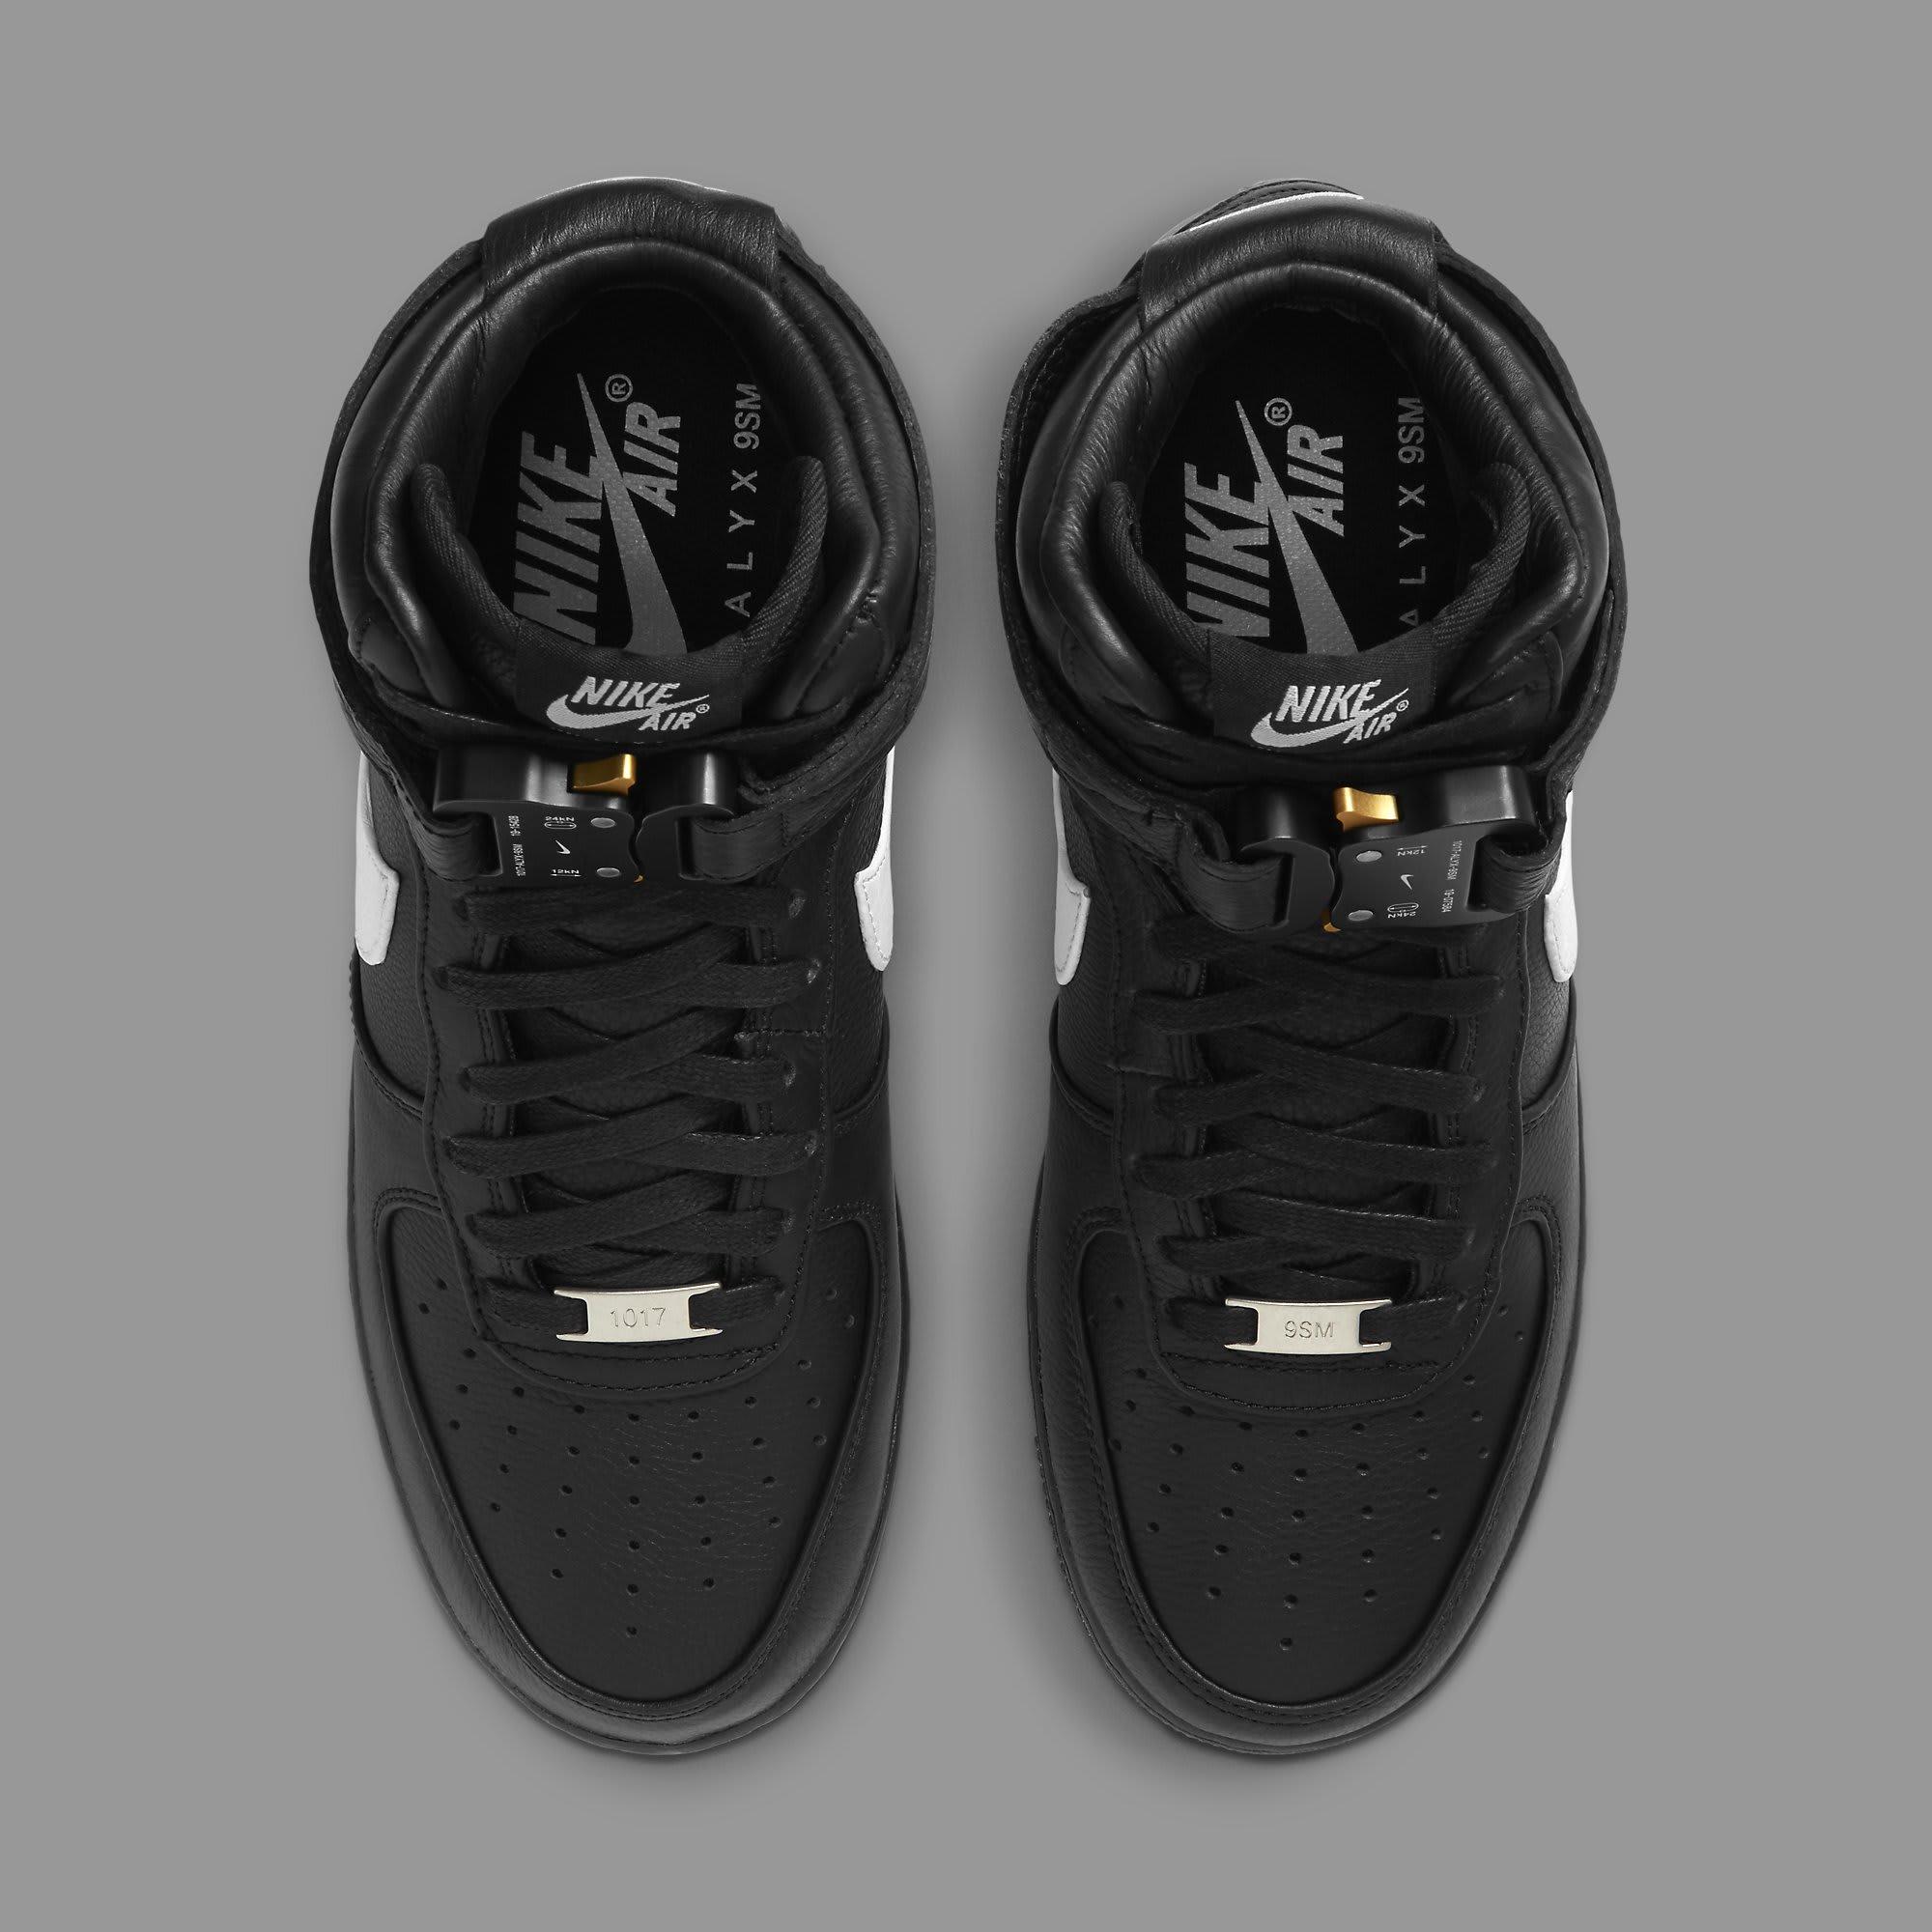 Alyx x Nike Air Force 1 High CQ4018-002 Top